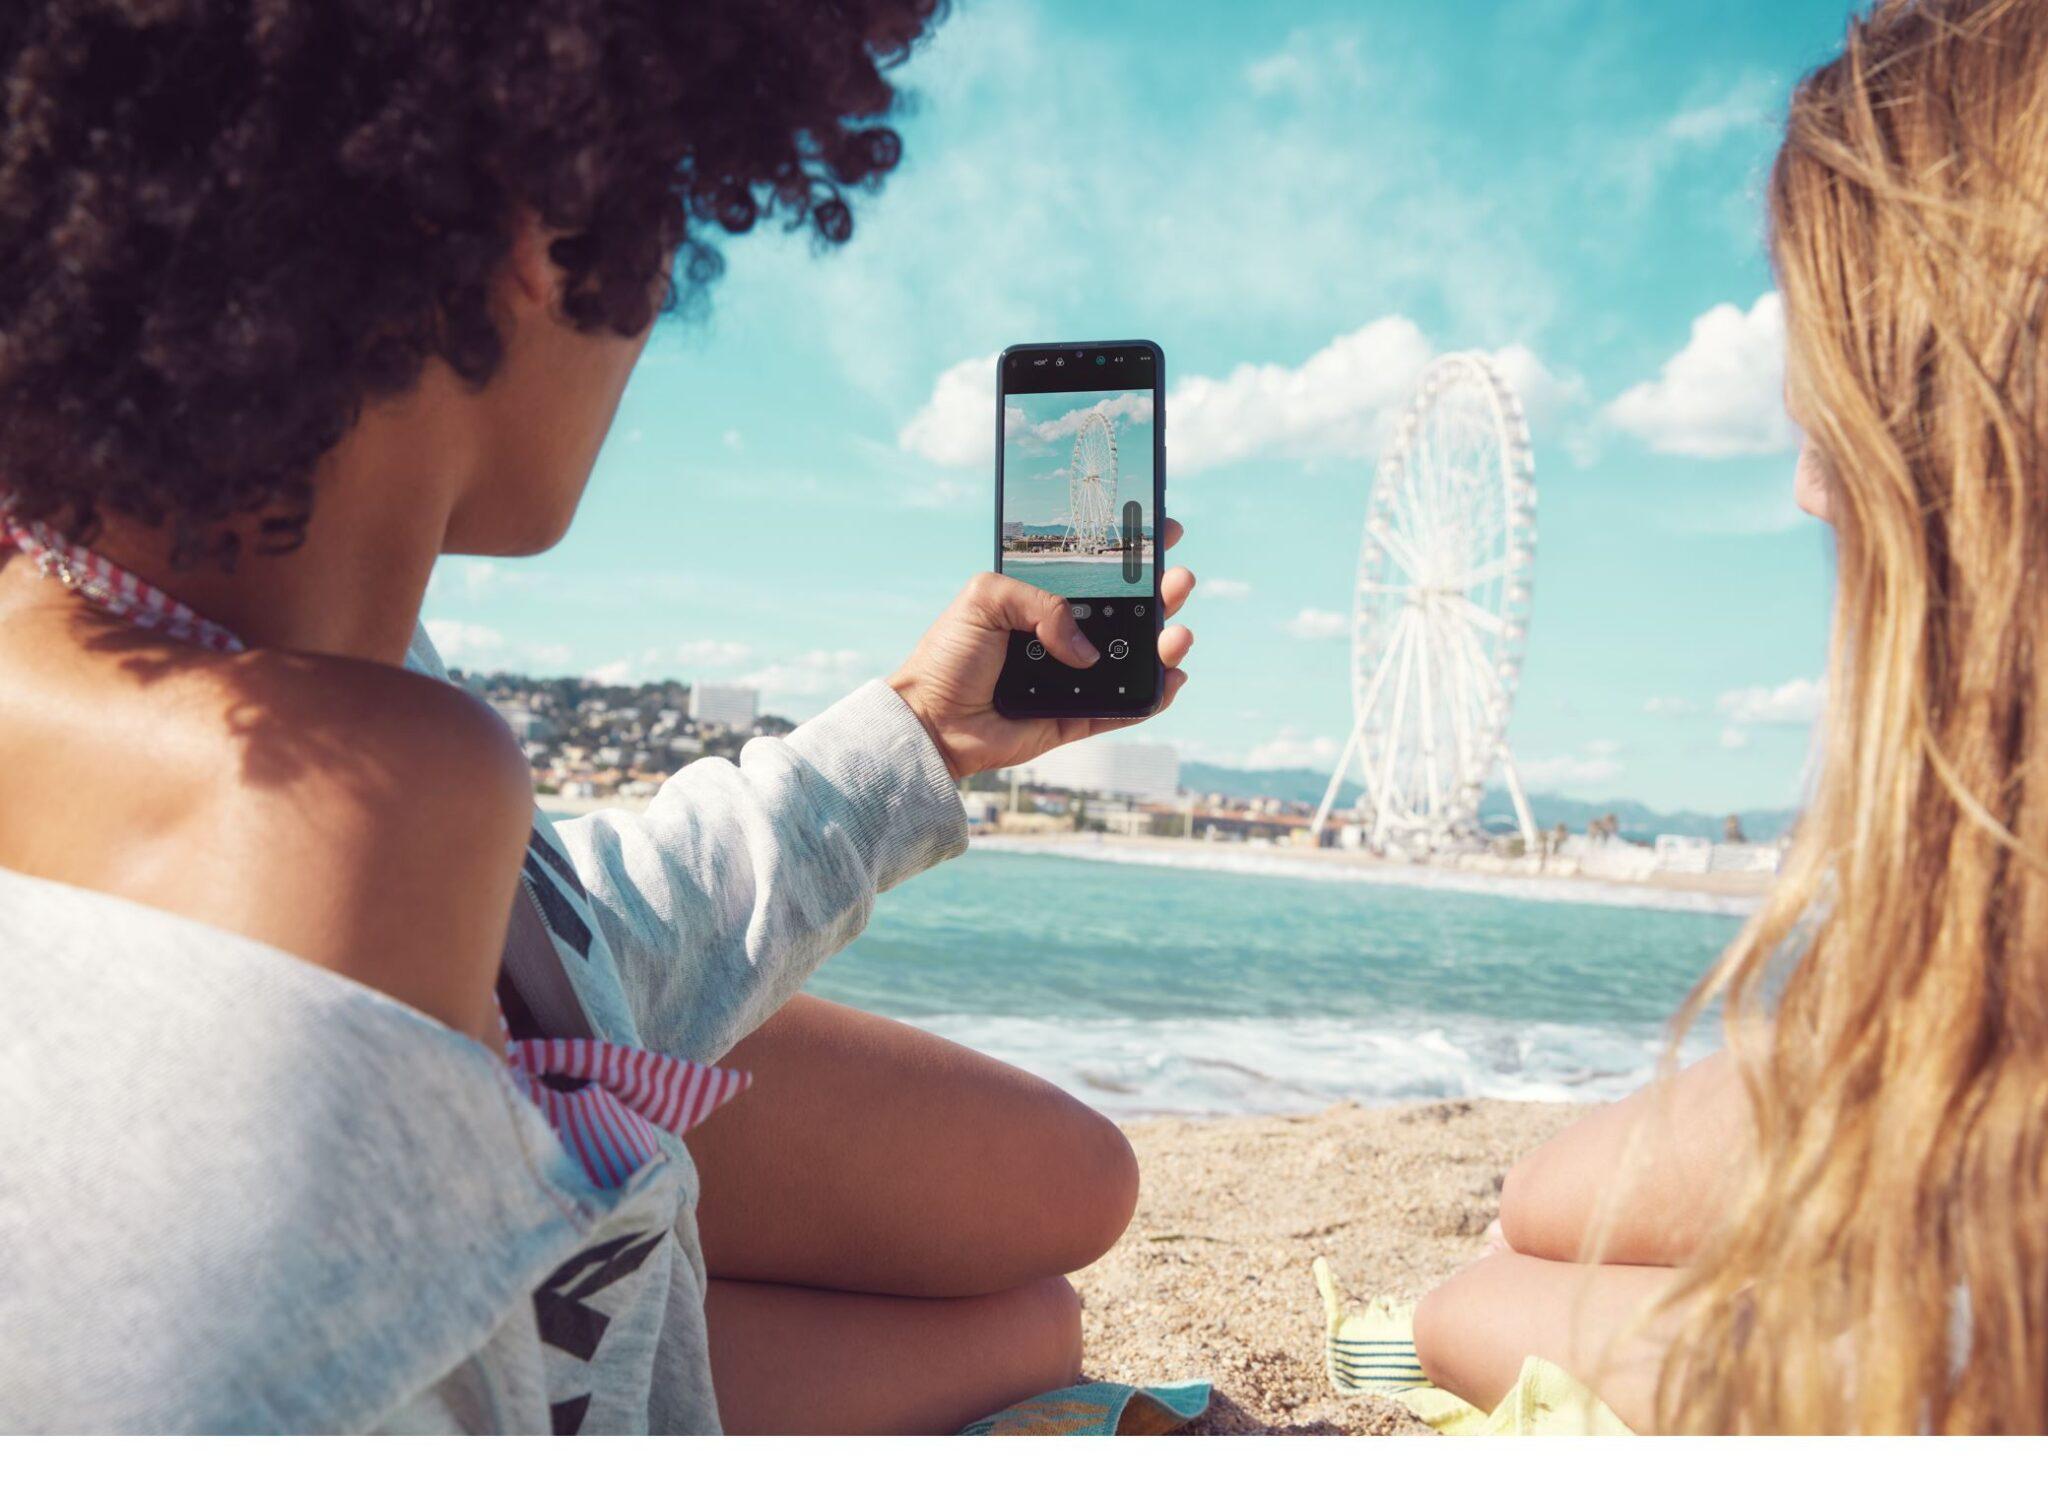 I nuovi modelli della collezione smartphone Power U di Wiko